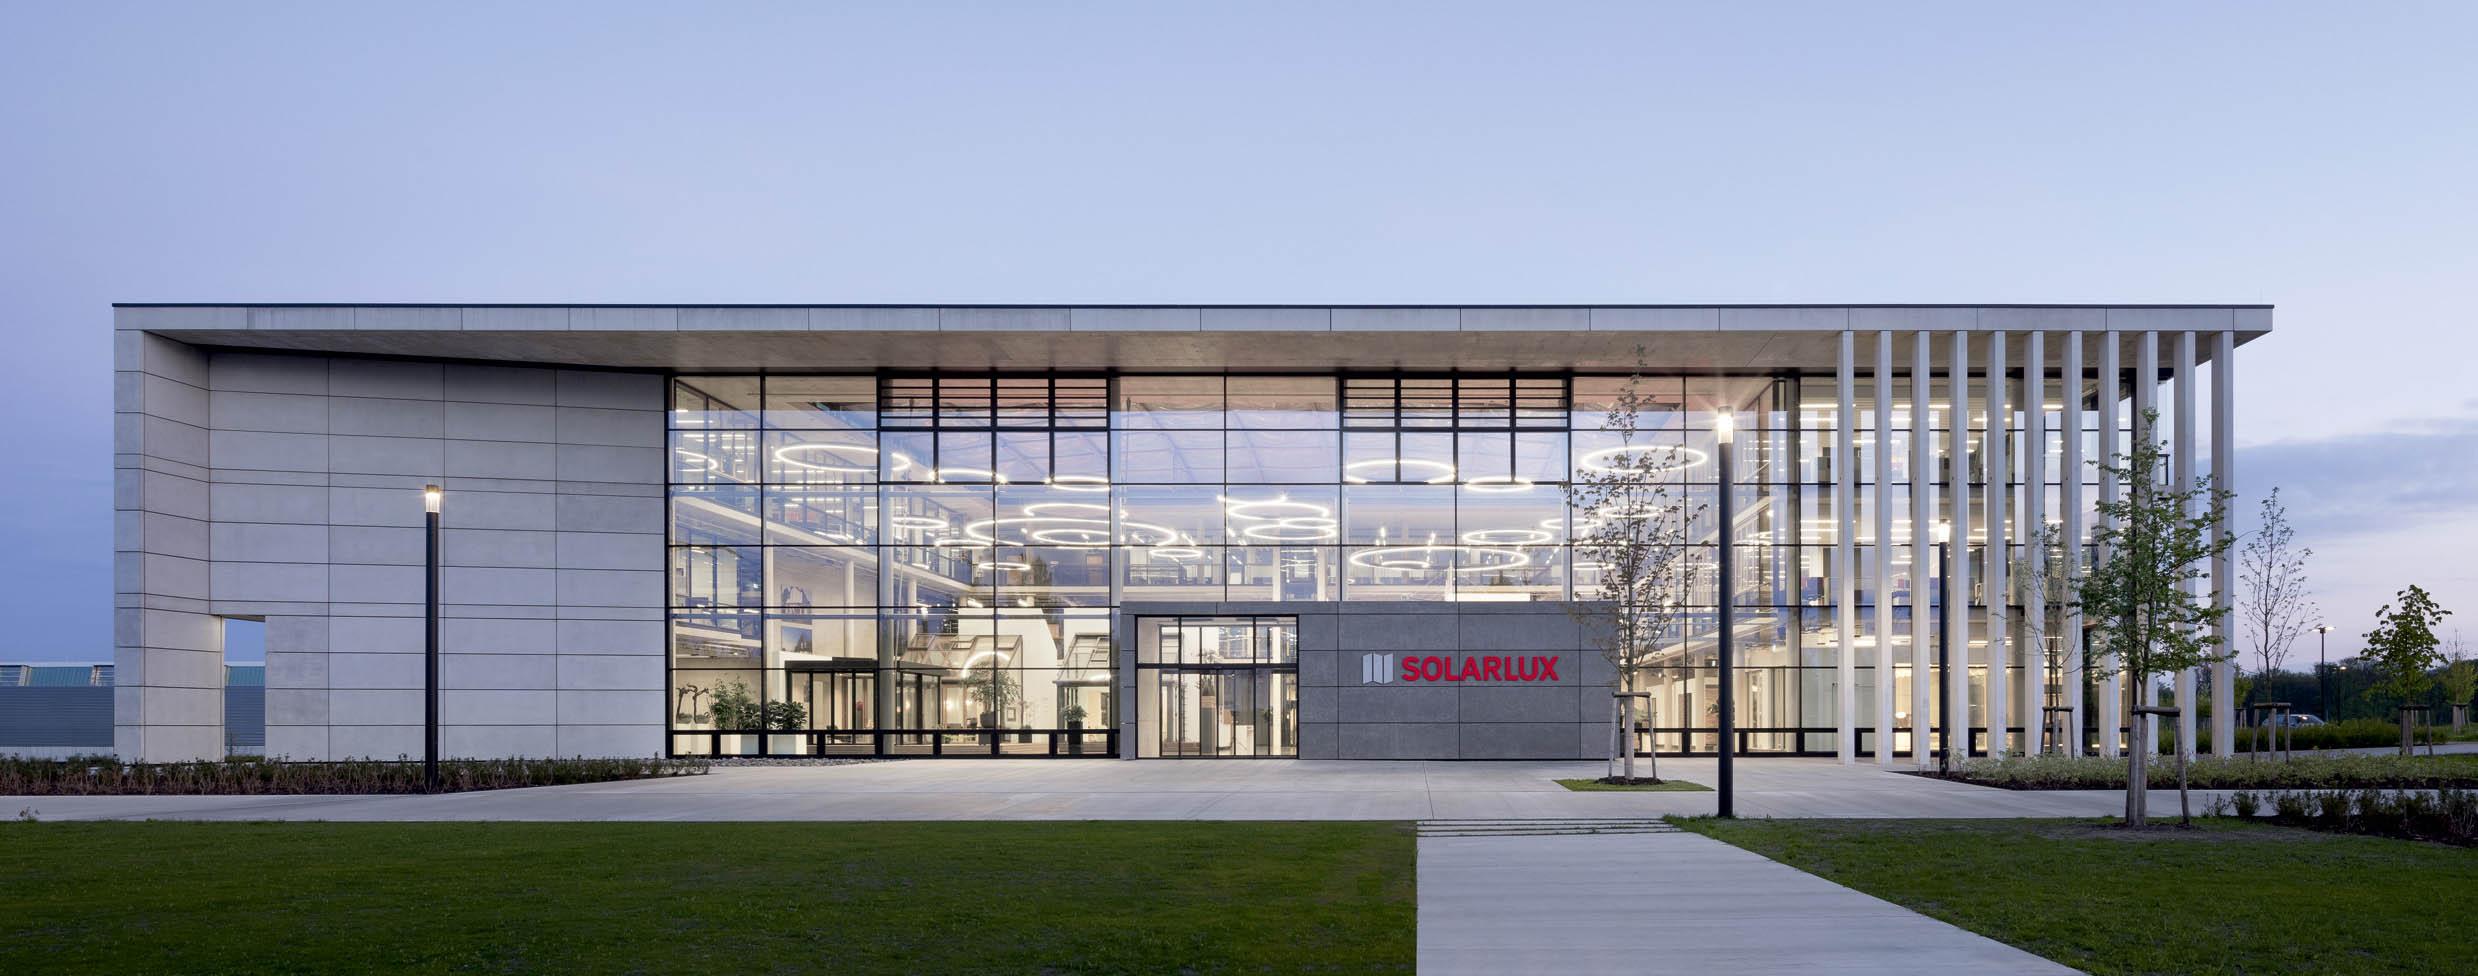 Solarlux-Campus